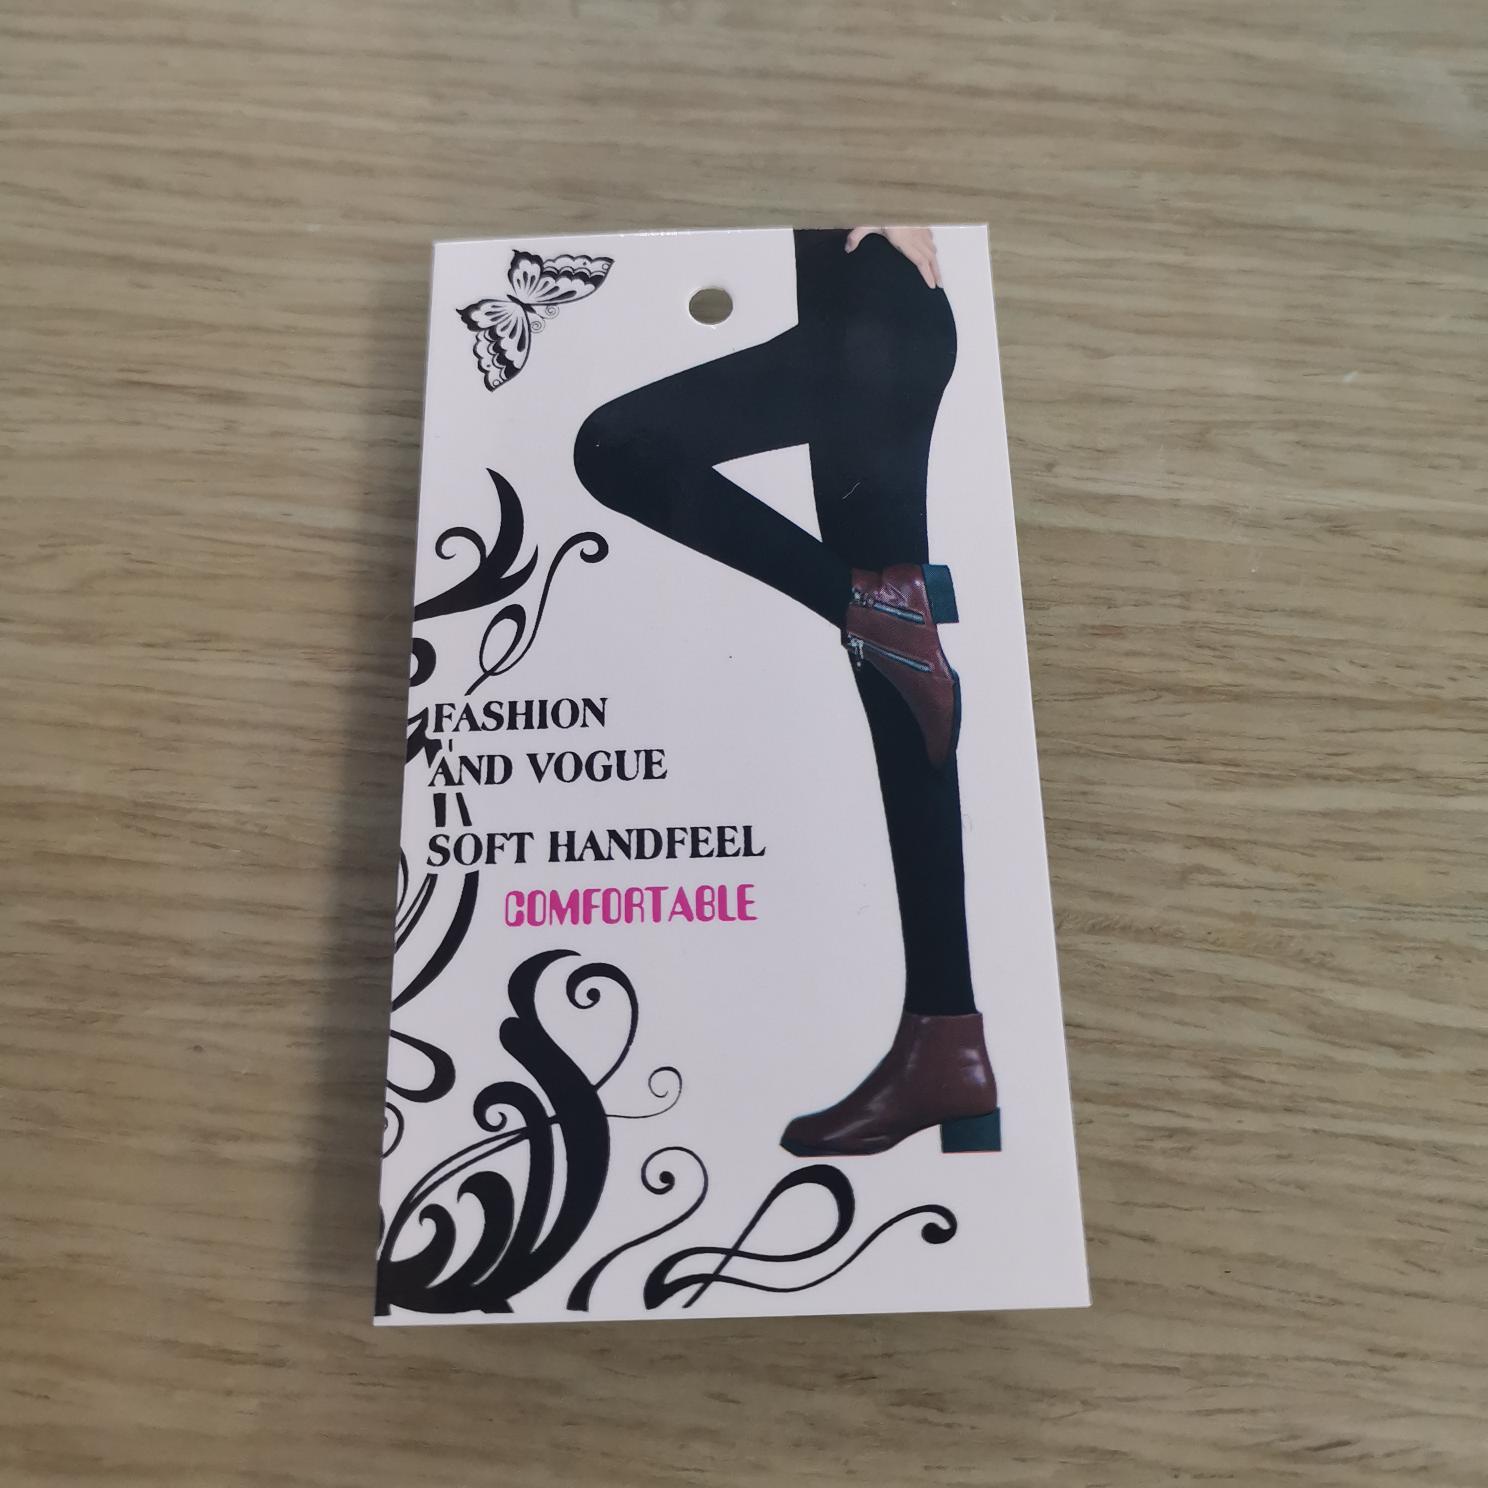 卡纸服装卡纸女裤吊牌外贸吊牌